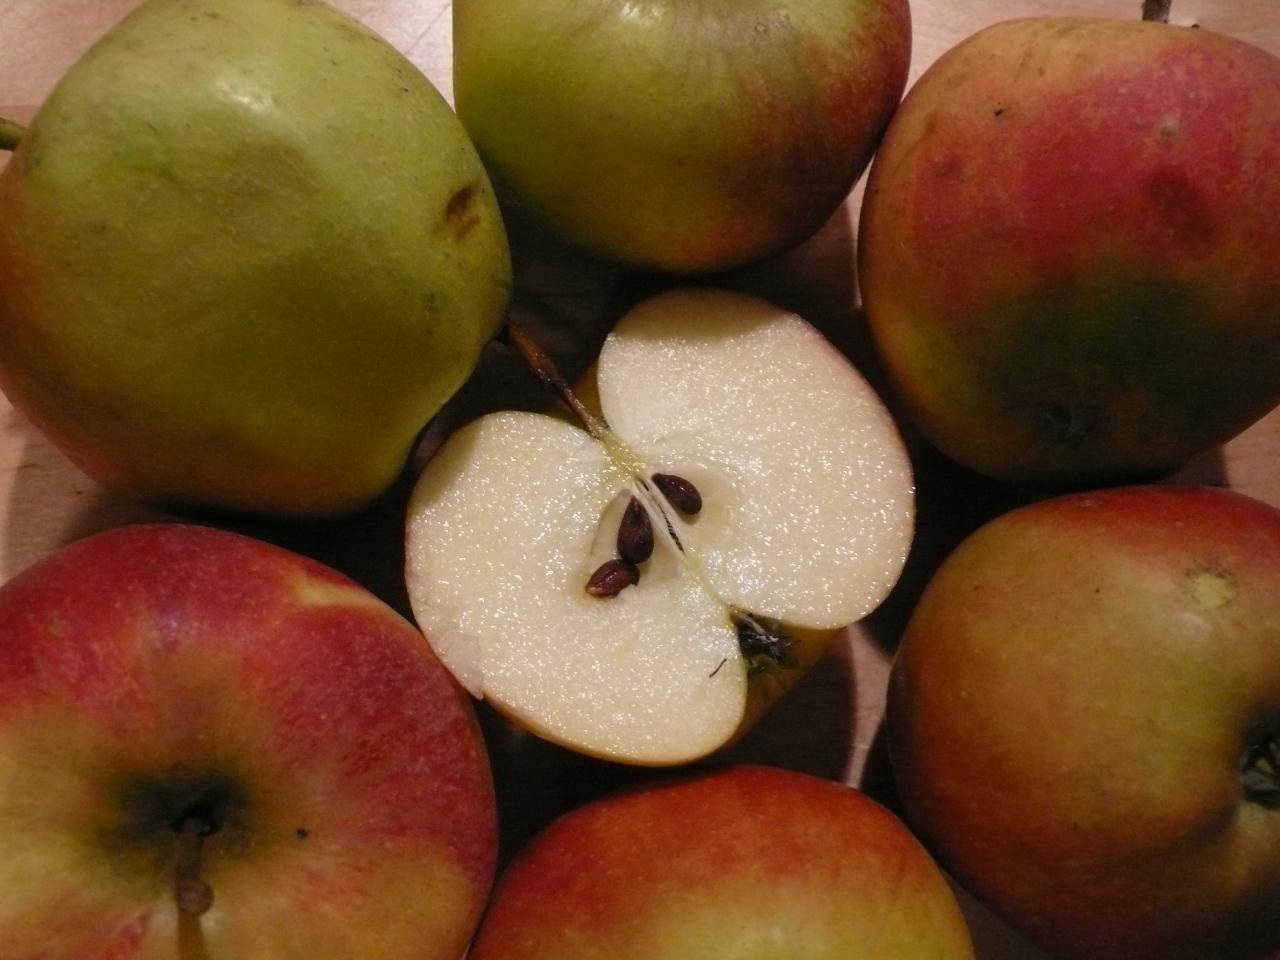 Apfelfrüchte umschließen die Balgfrüchte mit den Samen.